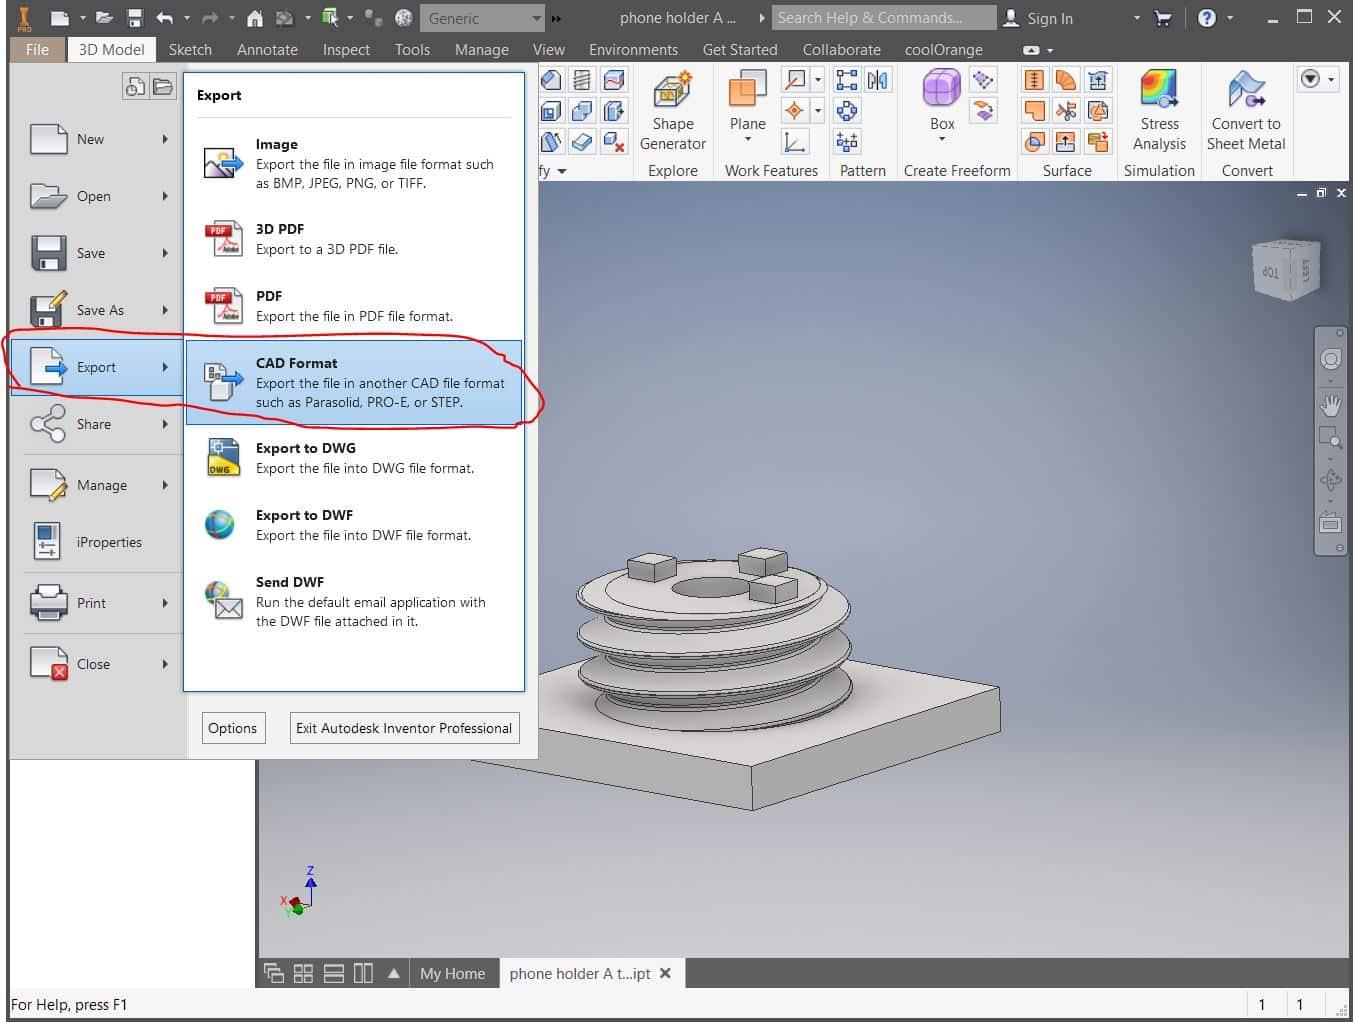 آموزش روشهای تبدیل یا ساخت فرمت STL پرینت سه بعدی